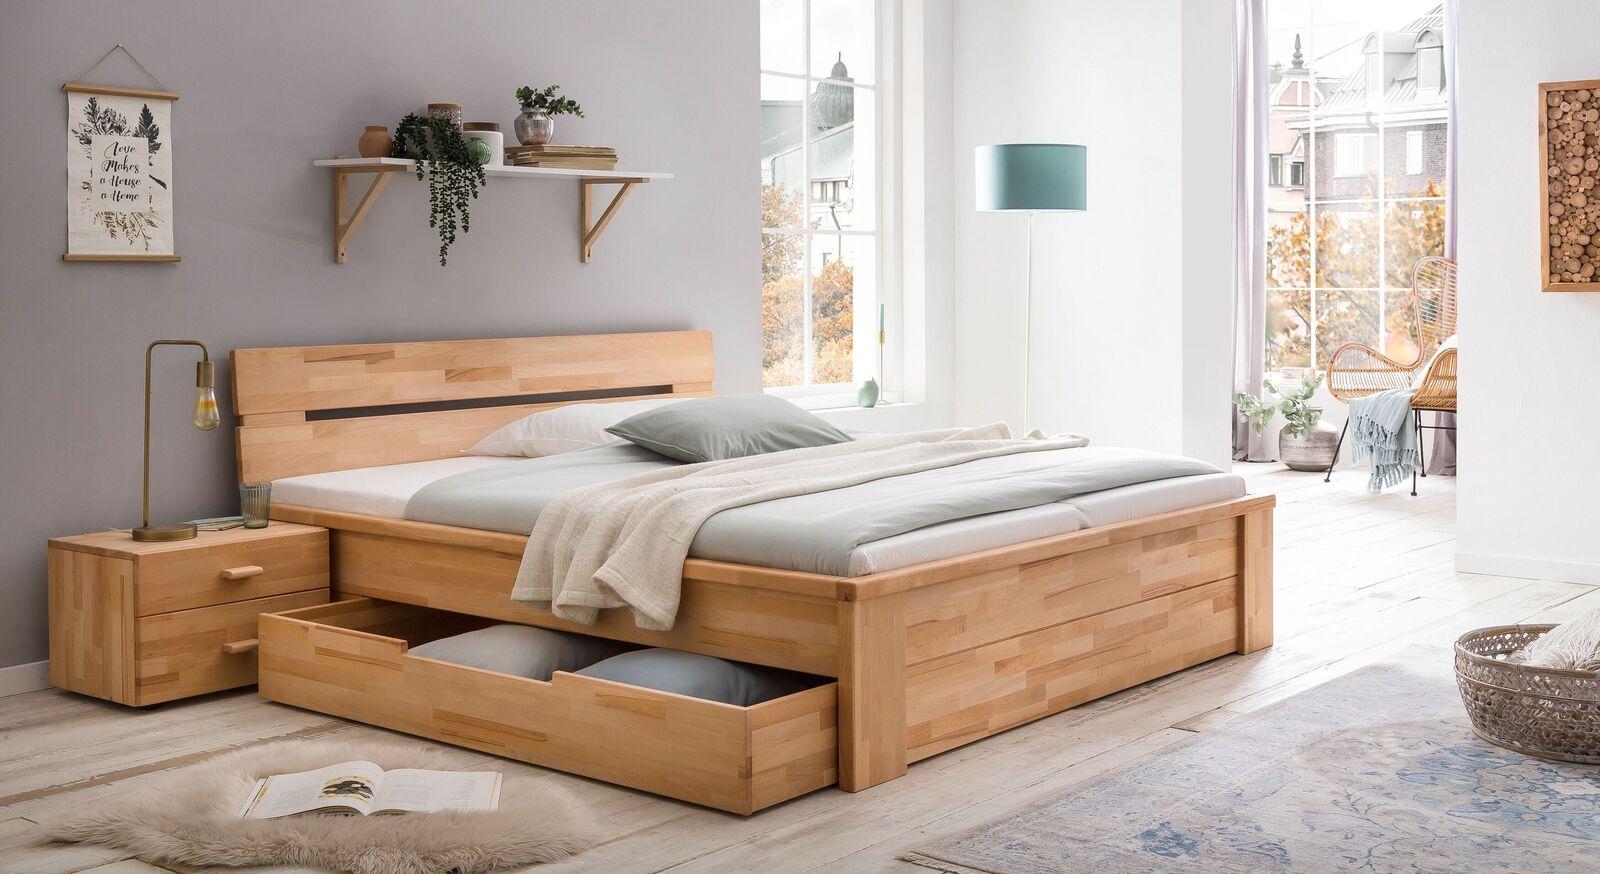 Schubkasten-Bett Tamira mit passendem Nachttisch